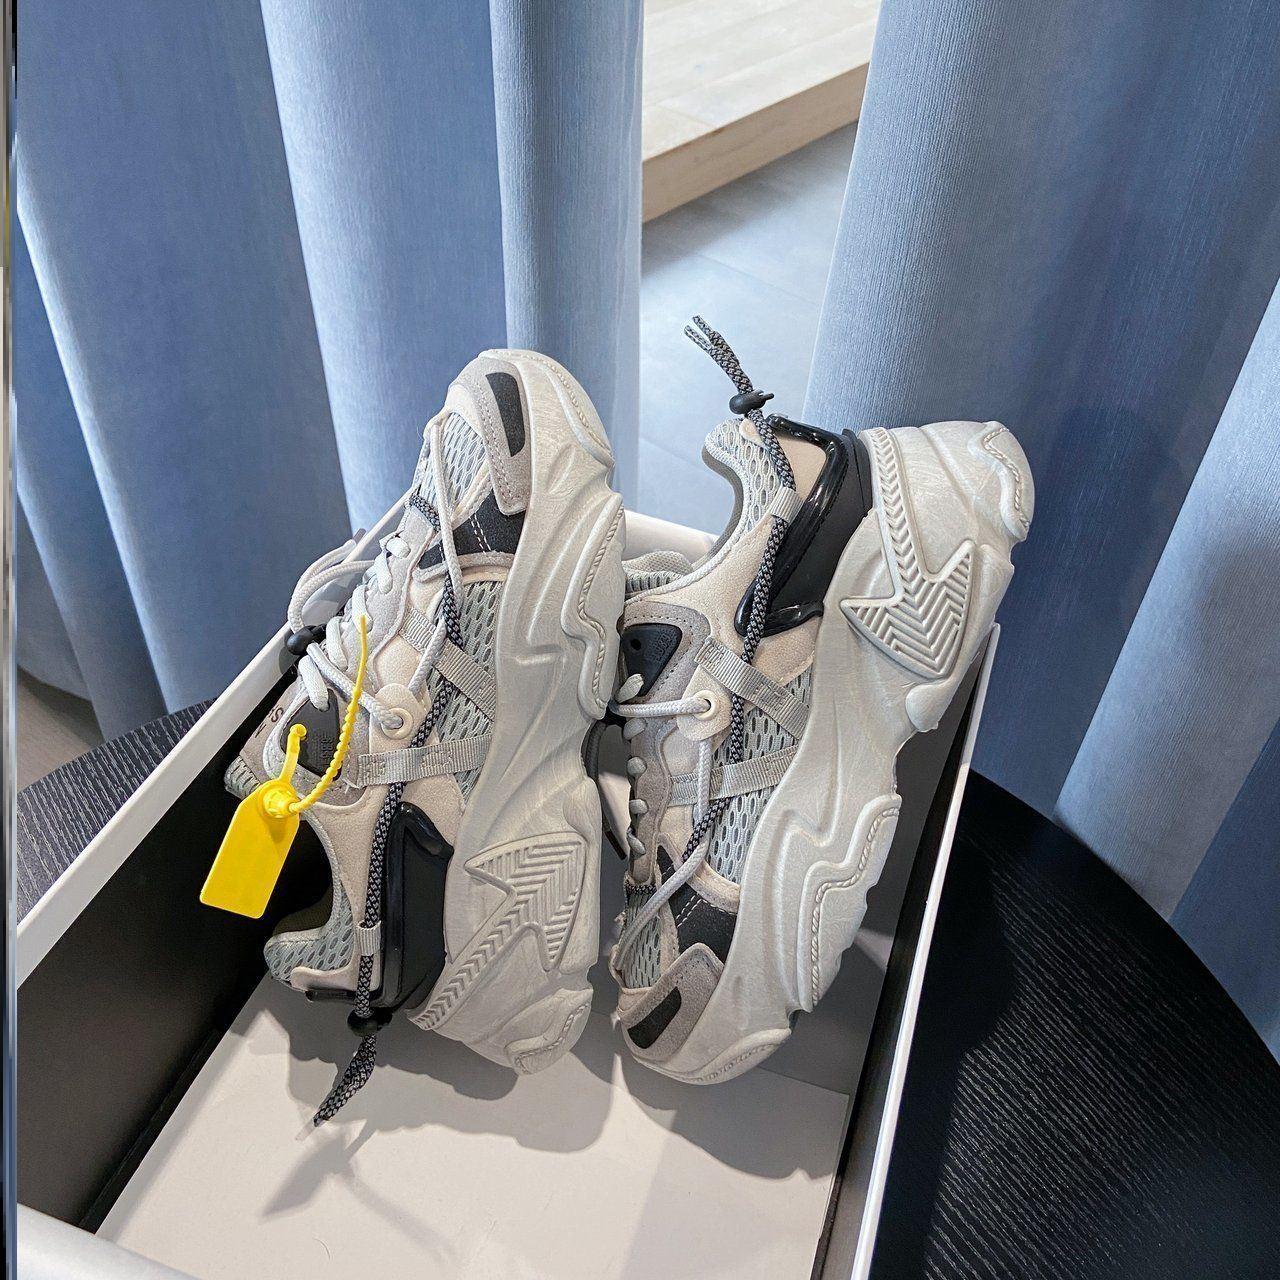 欧美松糕鞋 米色黑白灰色潮牌老爹鞋女欧美秋季潮鞋平底松糕底春季黑色2020年_推荐淘宝好看的女欧美松糕鞋